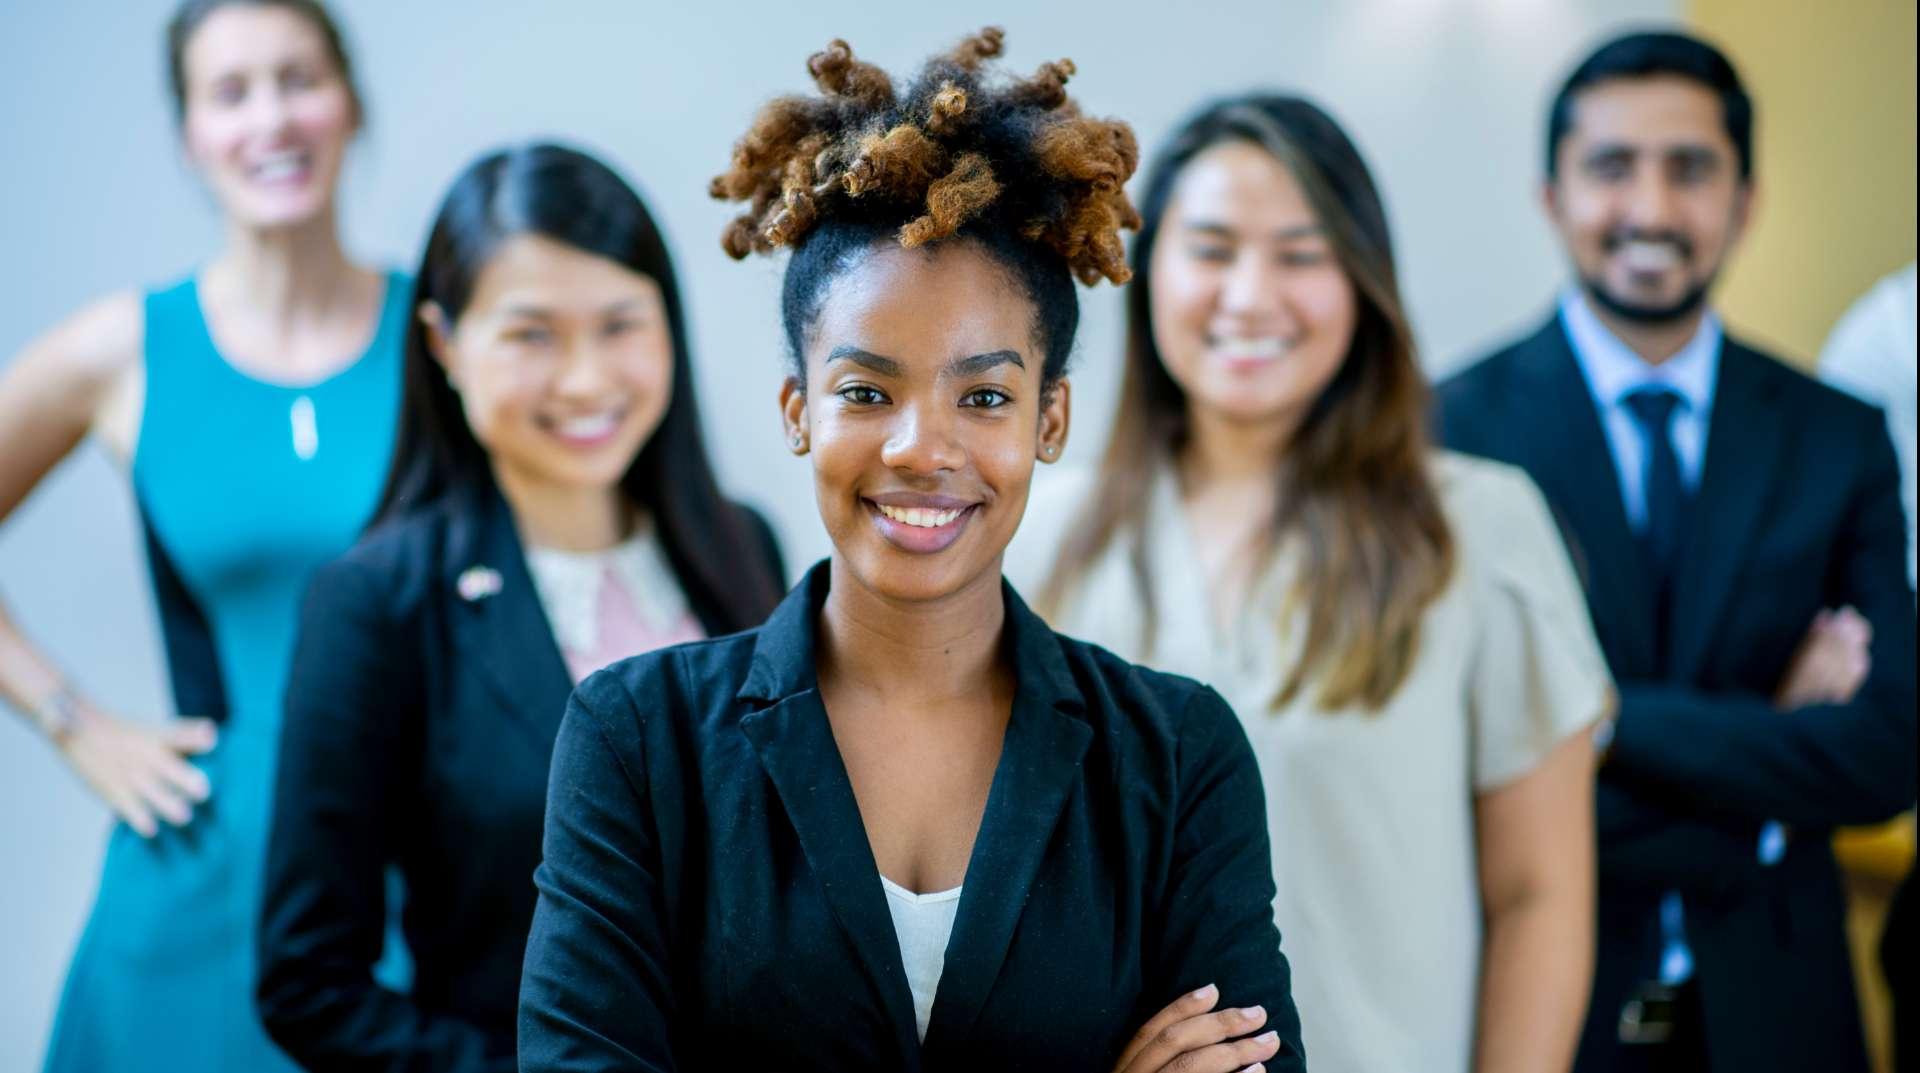 Liderança corporativa: como desenvolver talentos promissores ao cargo de líder?